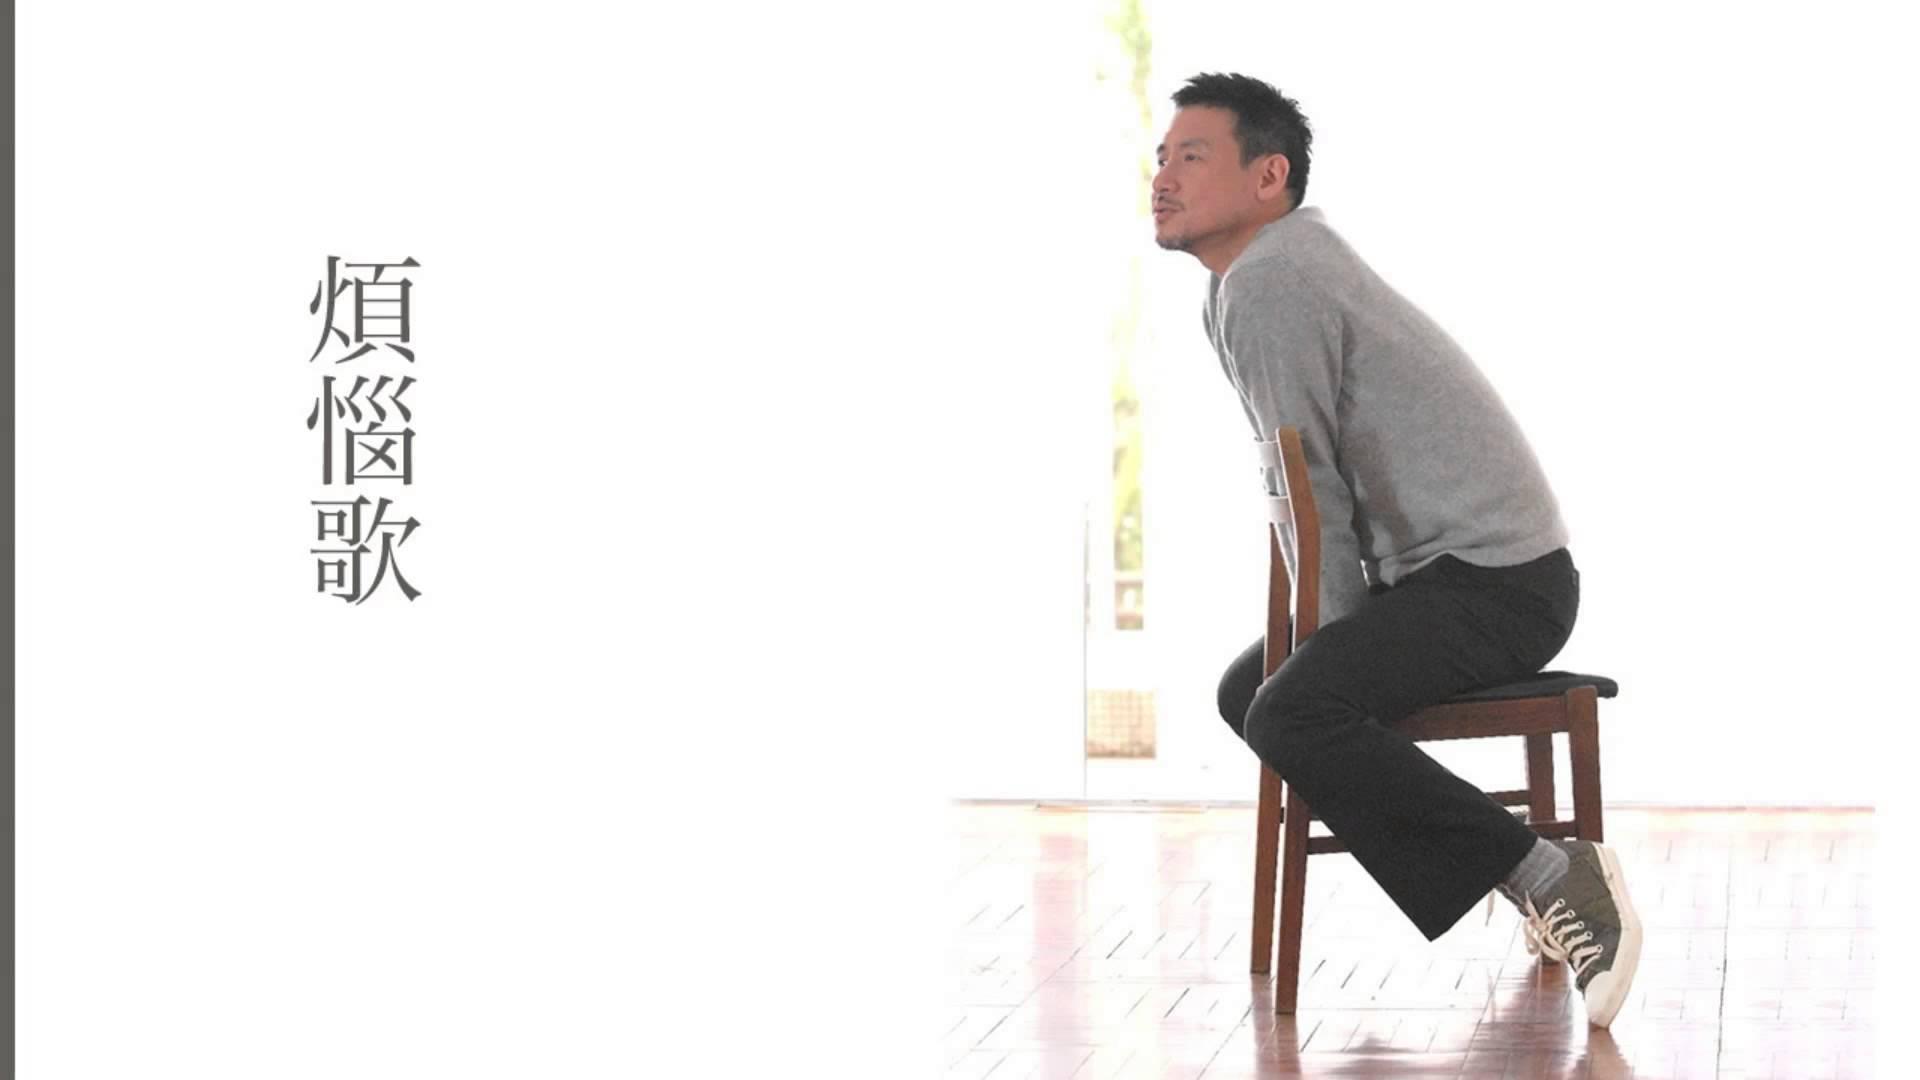 ジャッキー・チュンの画像 p1_14